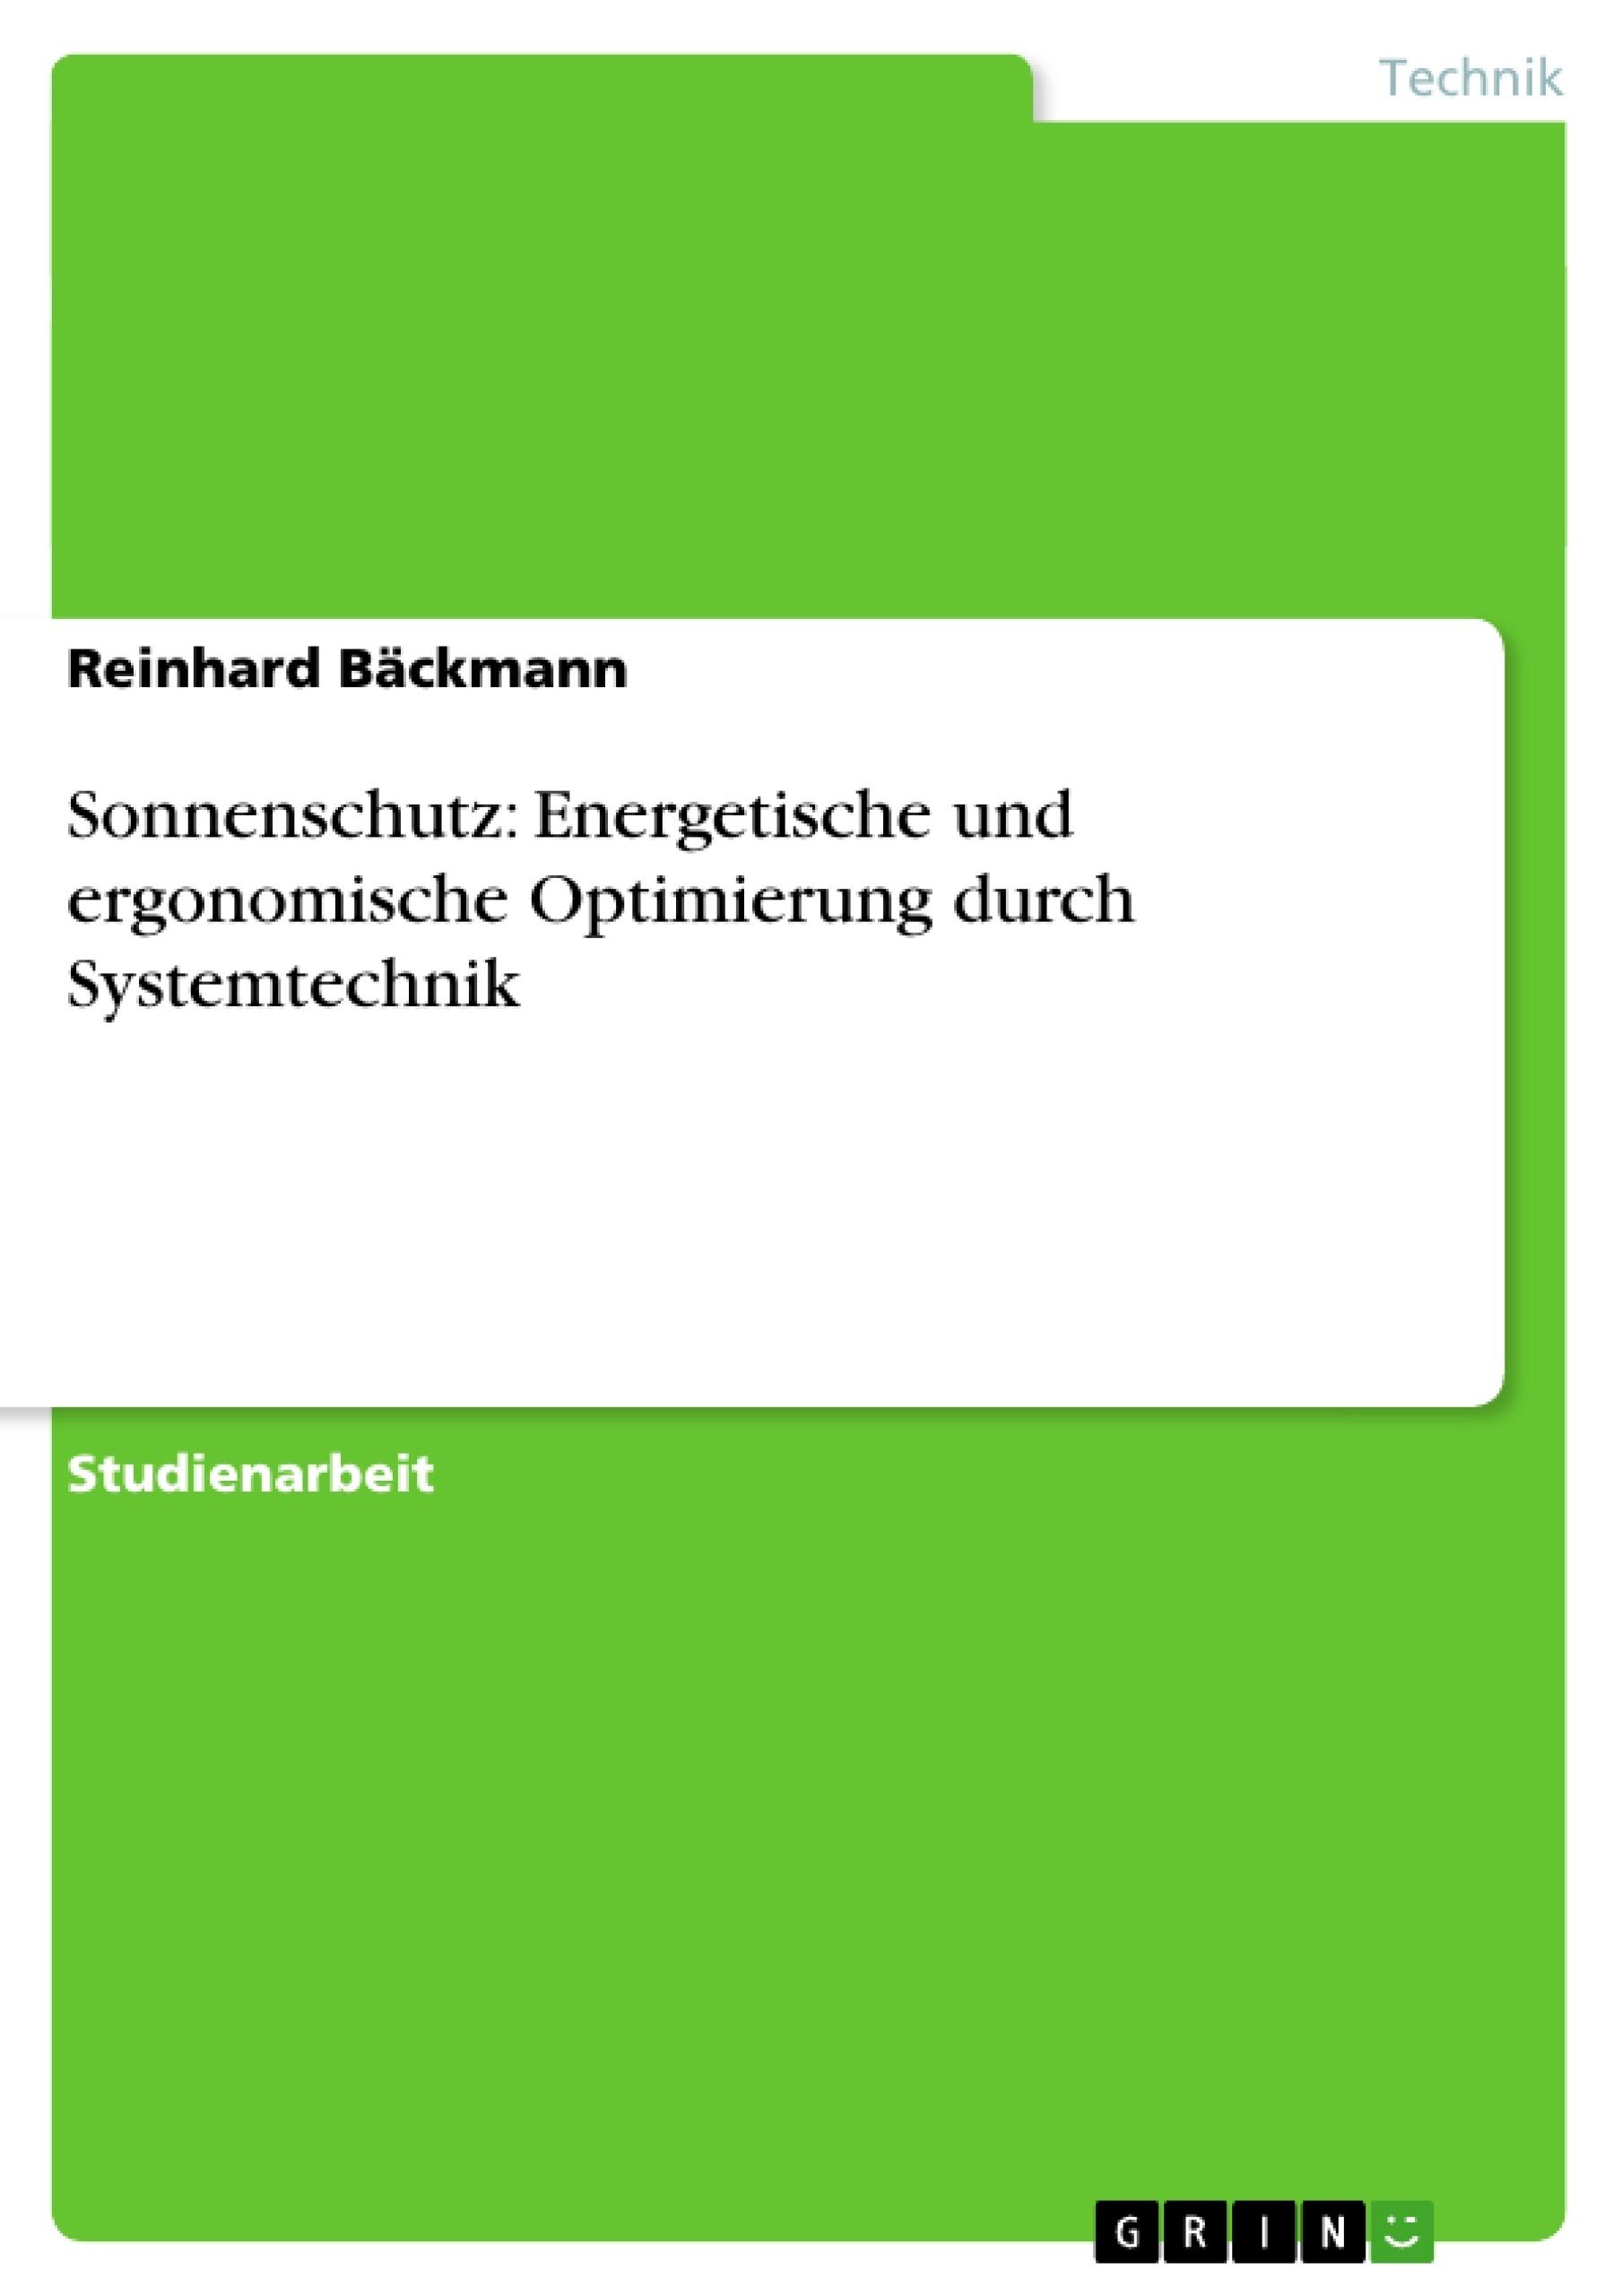 Titel: Sonnenschutz: Energetische und ergonomische Optimierung durch Systemtechnik